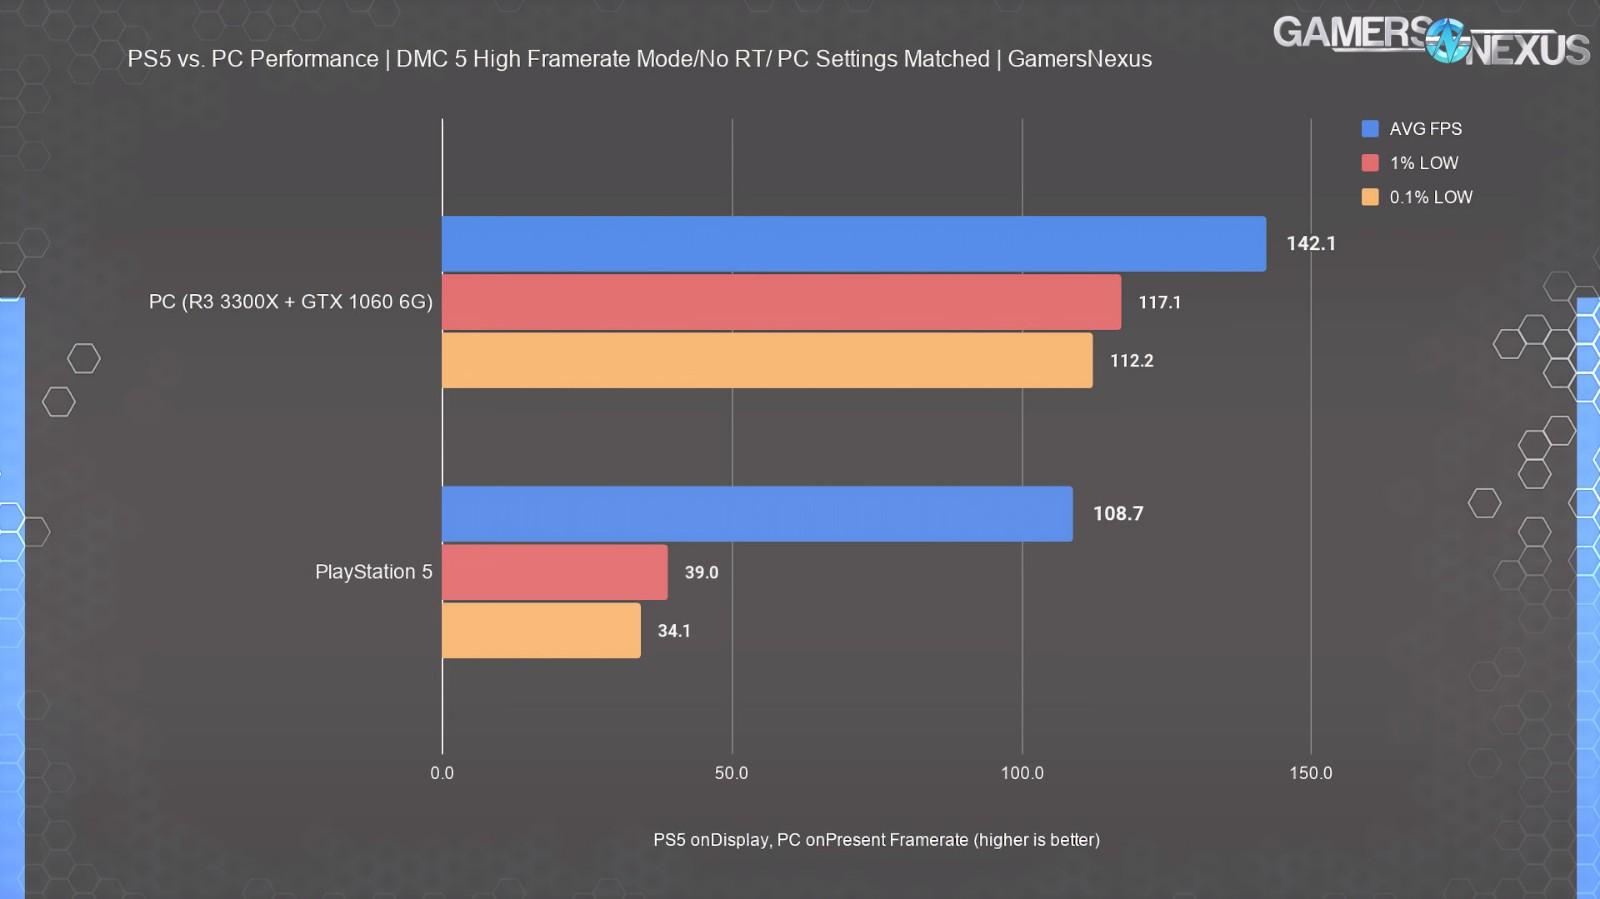 外媒测试PS5性能甚至略低于GTX 1080